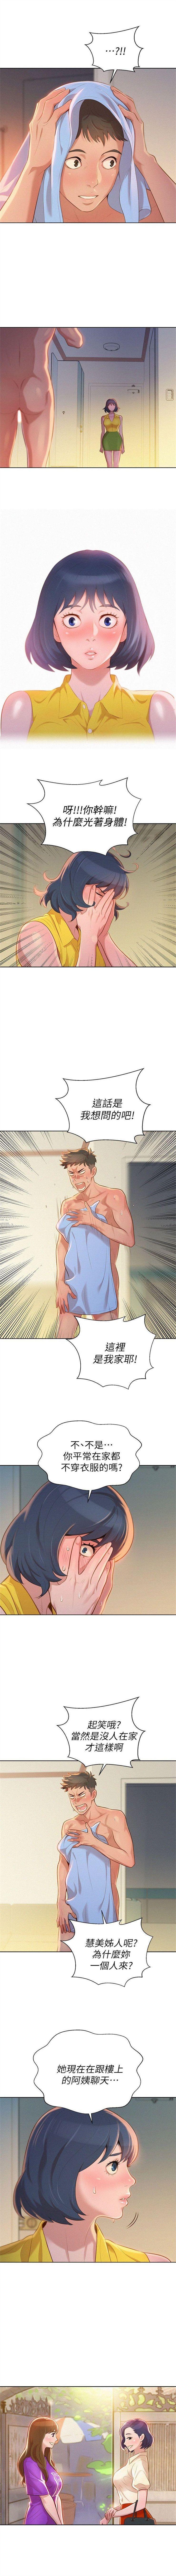 (周7)漂亮干姐姐  1-81 中文翻译 (更新中) 51